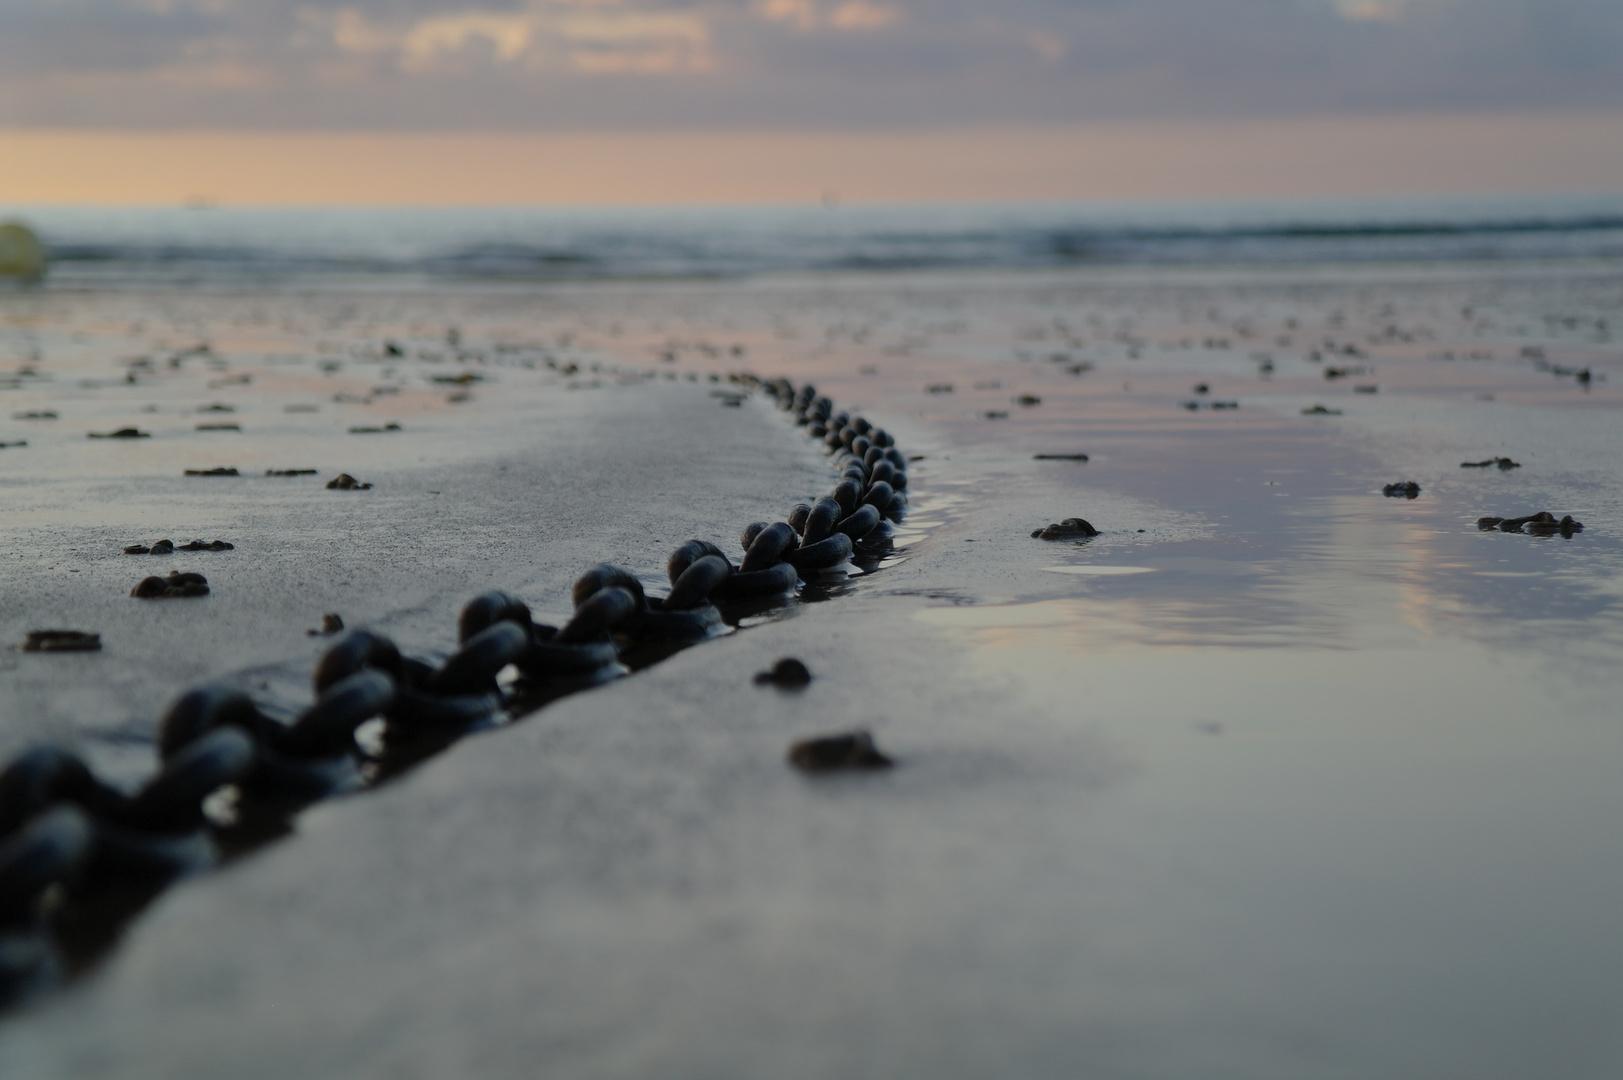 Kette im Sand (Saint Pabu)